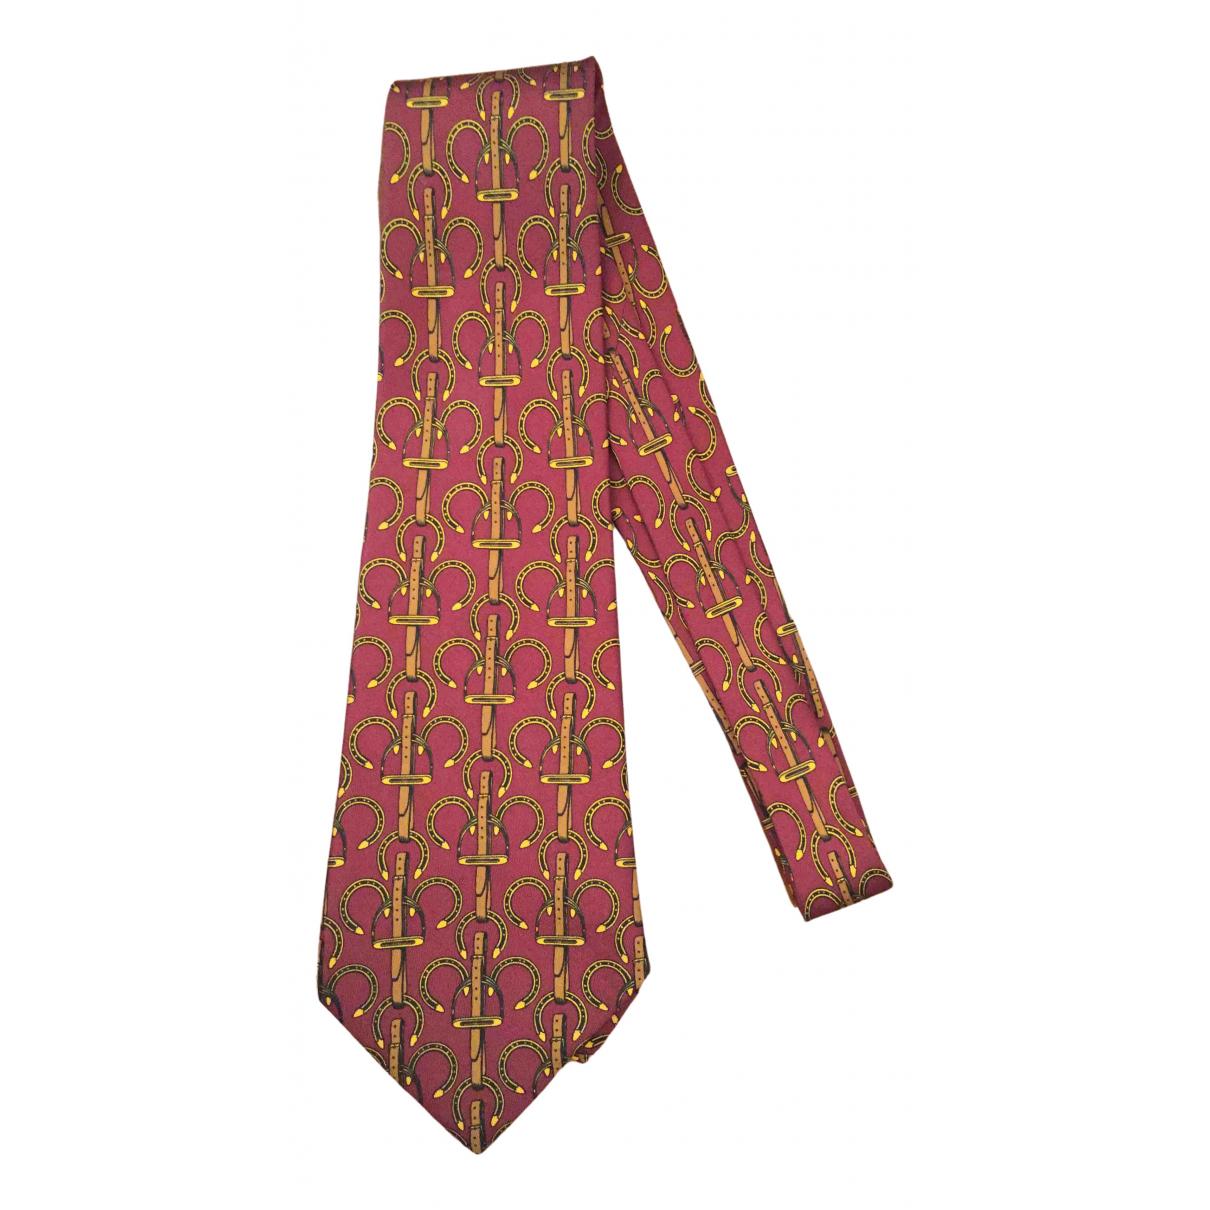 Hermes - Cravates   pour homme en soie - bordeaux